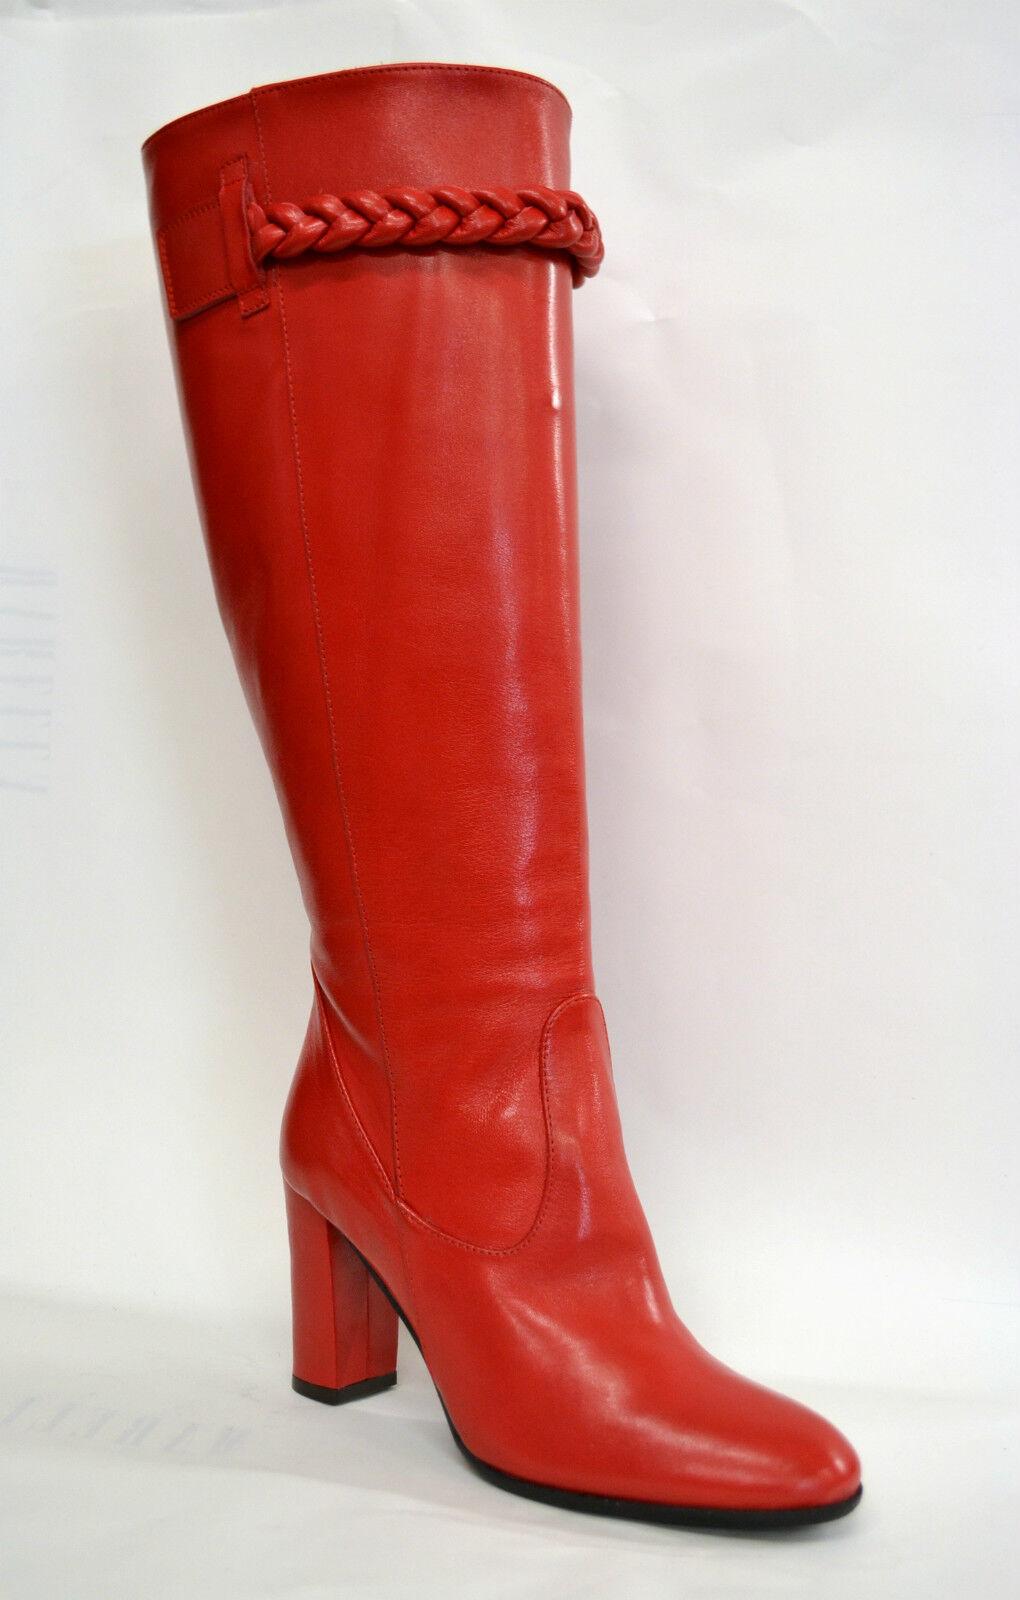 Grandes zapatos con descuento STIVALI DONNA ROSSO 100% VERA PELLE MADE ITALY ARTIGIANALI POLPACCIO SU MISURA